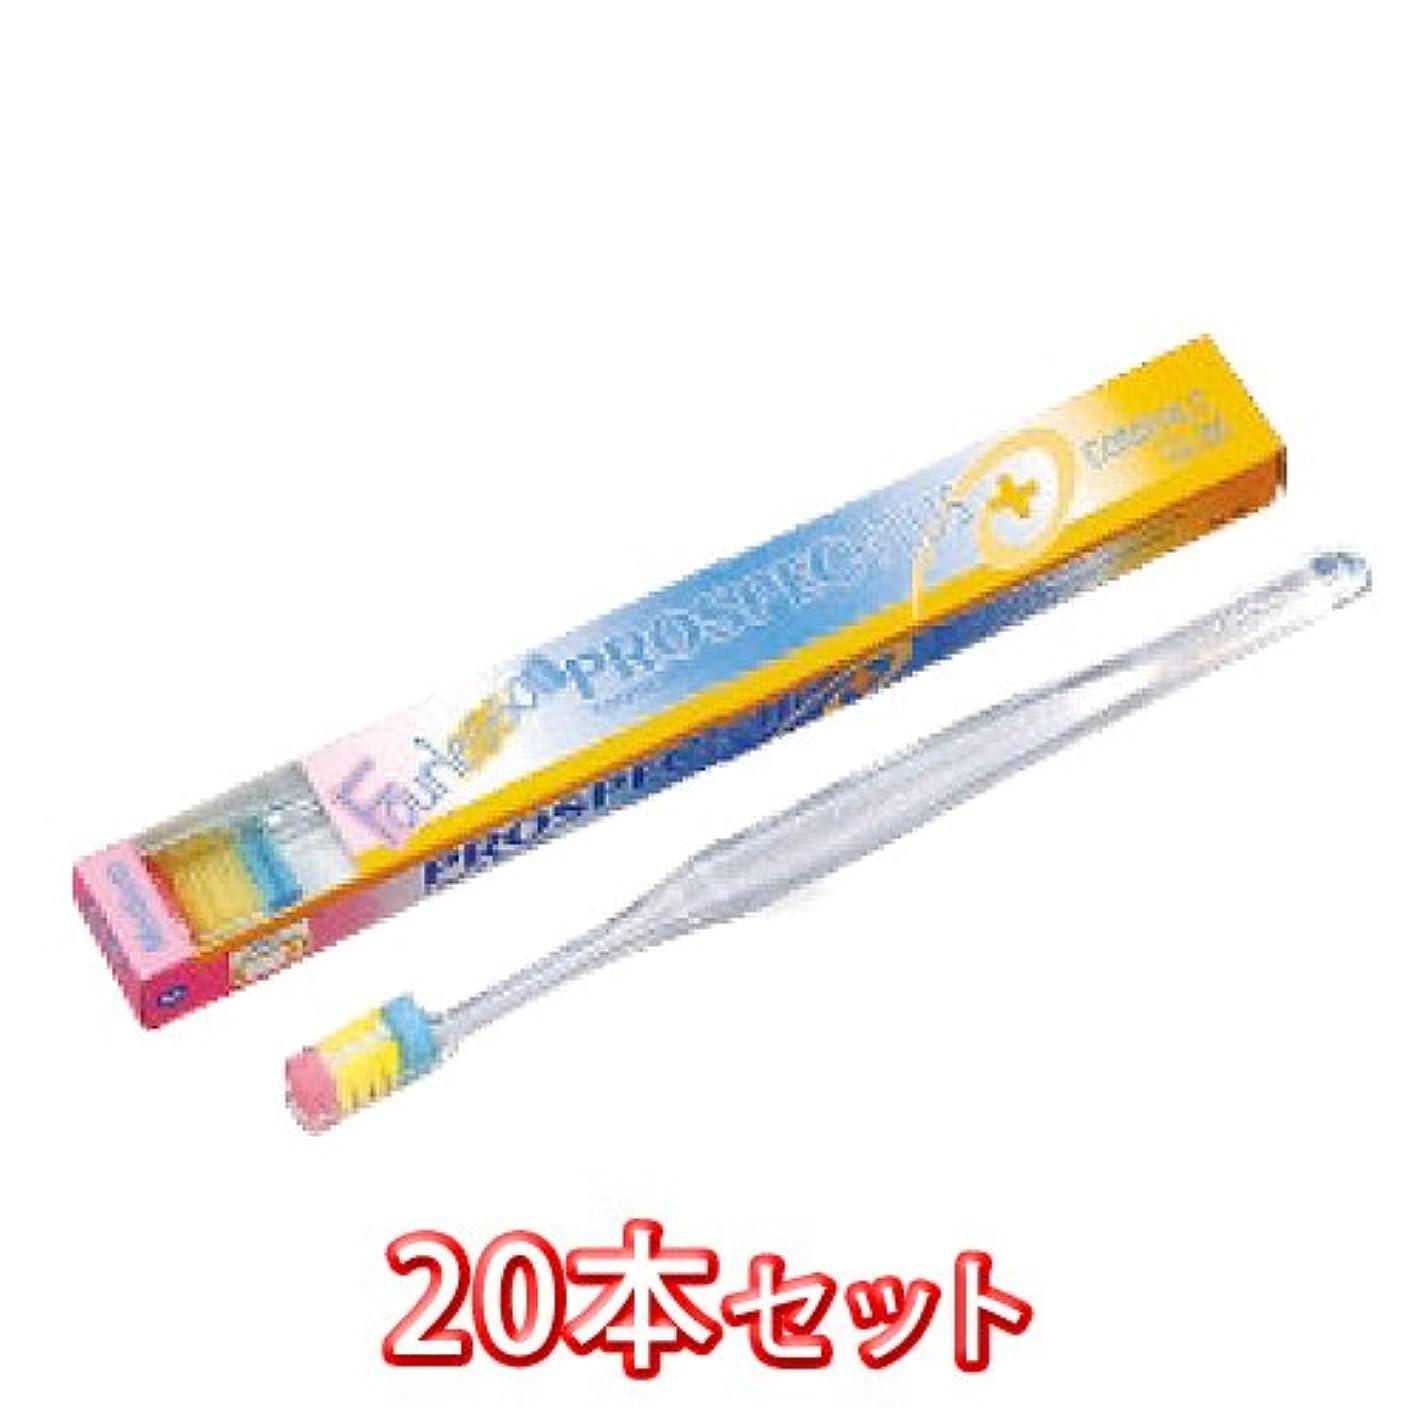 休眠ブルーム医薬品プロスペック 歯ブラシ コンパクトスリム 20本入 フォーレッスン 毛の硬さ ふつう